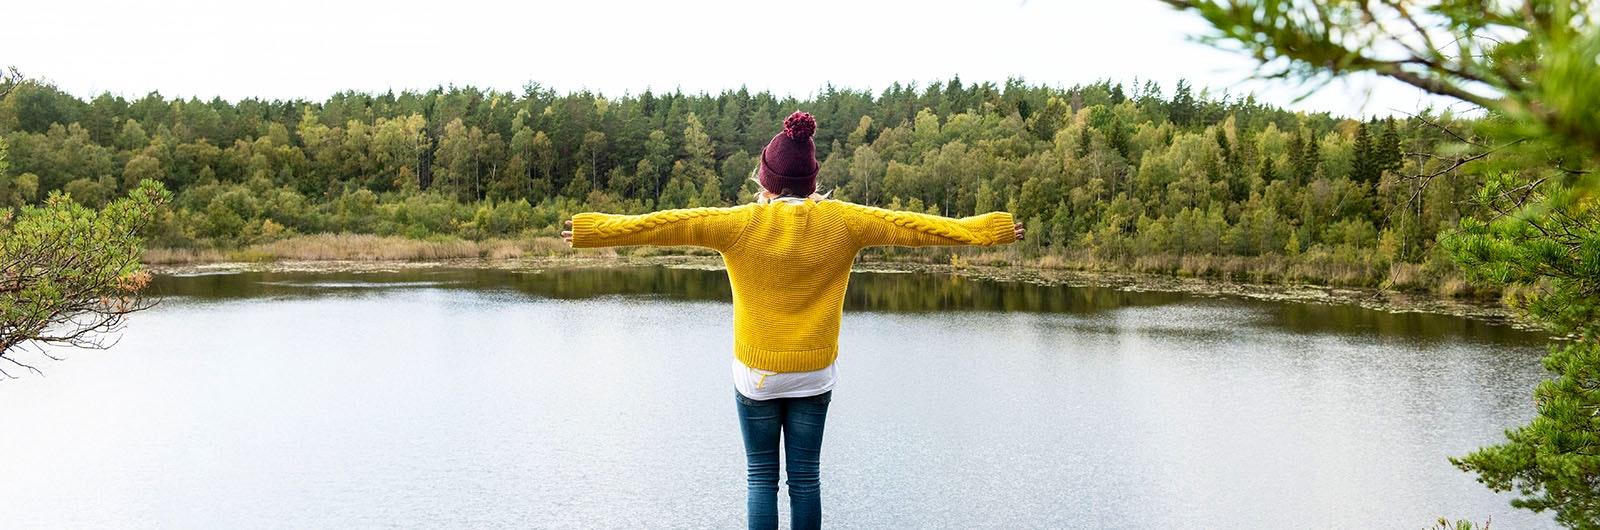 person med utsträckta armar vid sjö